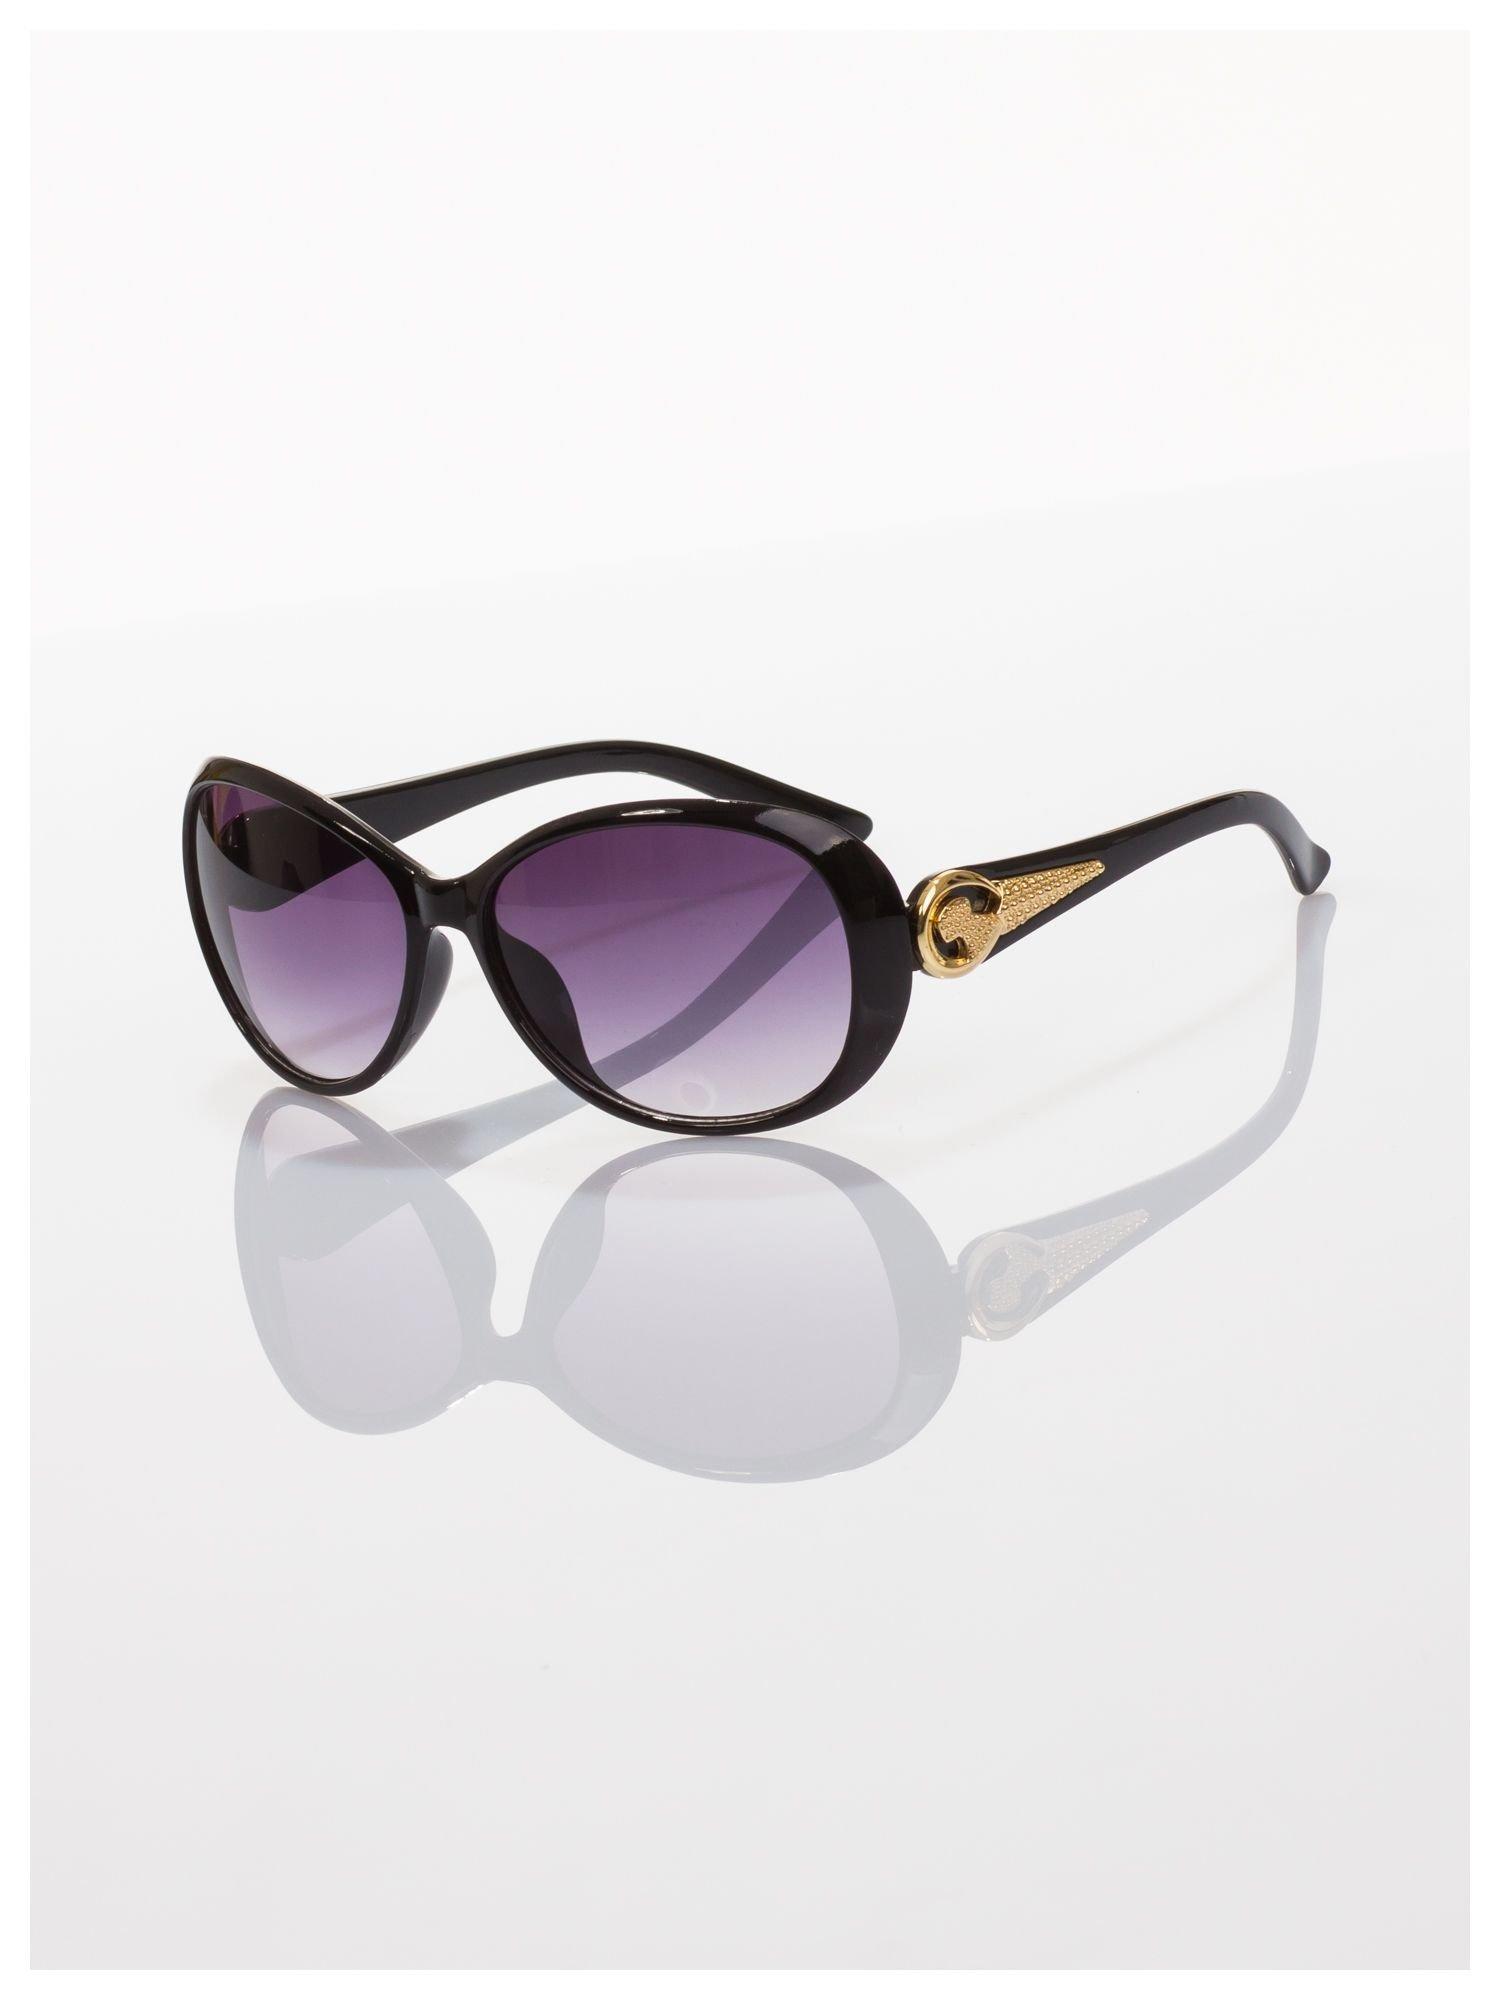 Czarne eleganckie okulary ze złotym zdobieniem dla kobiet klasyczna oprawka z filtrami UV                                  zdj.                                  2